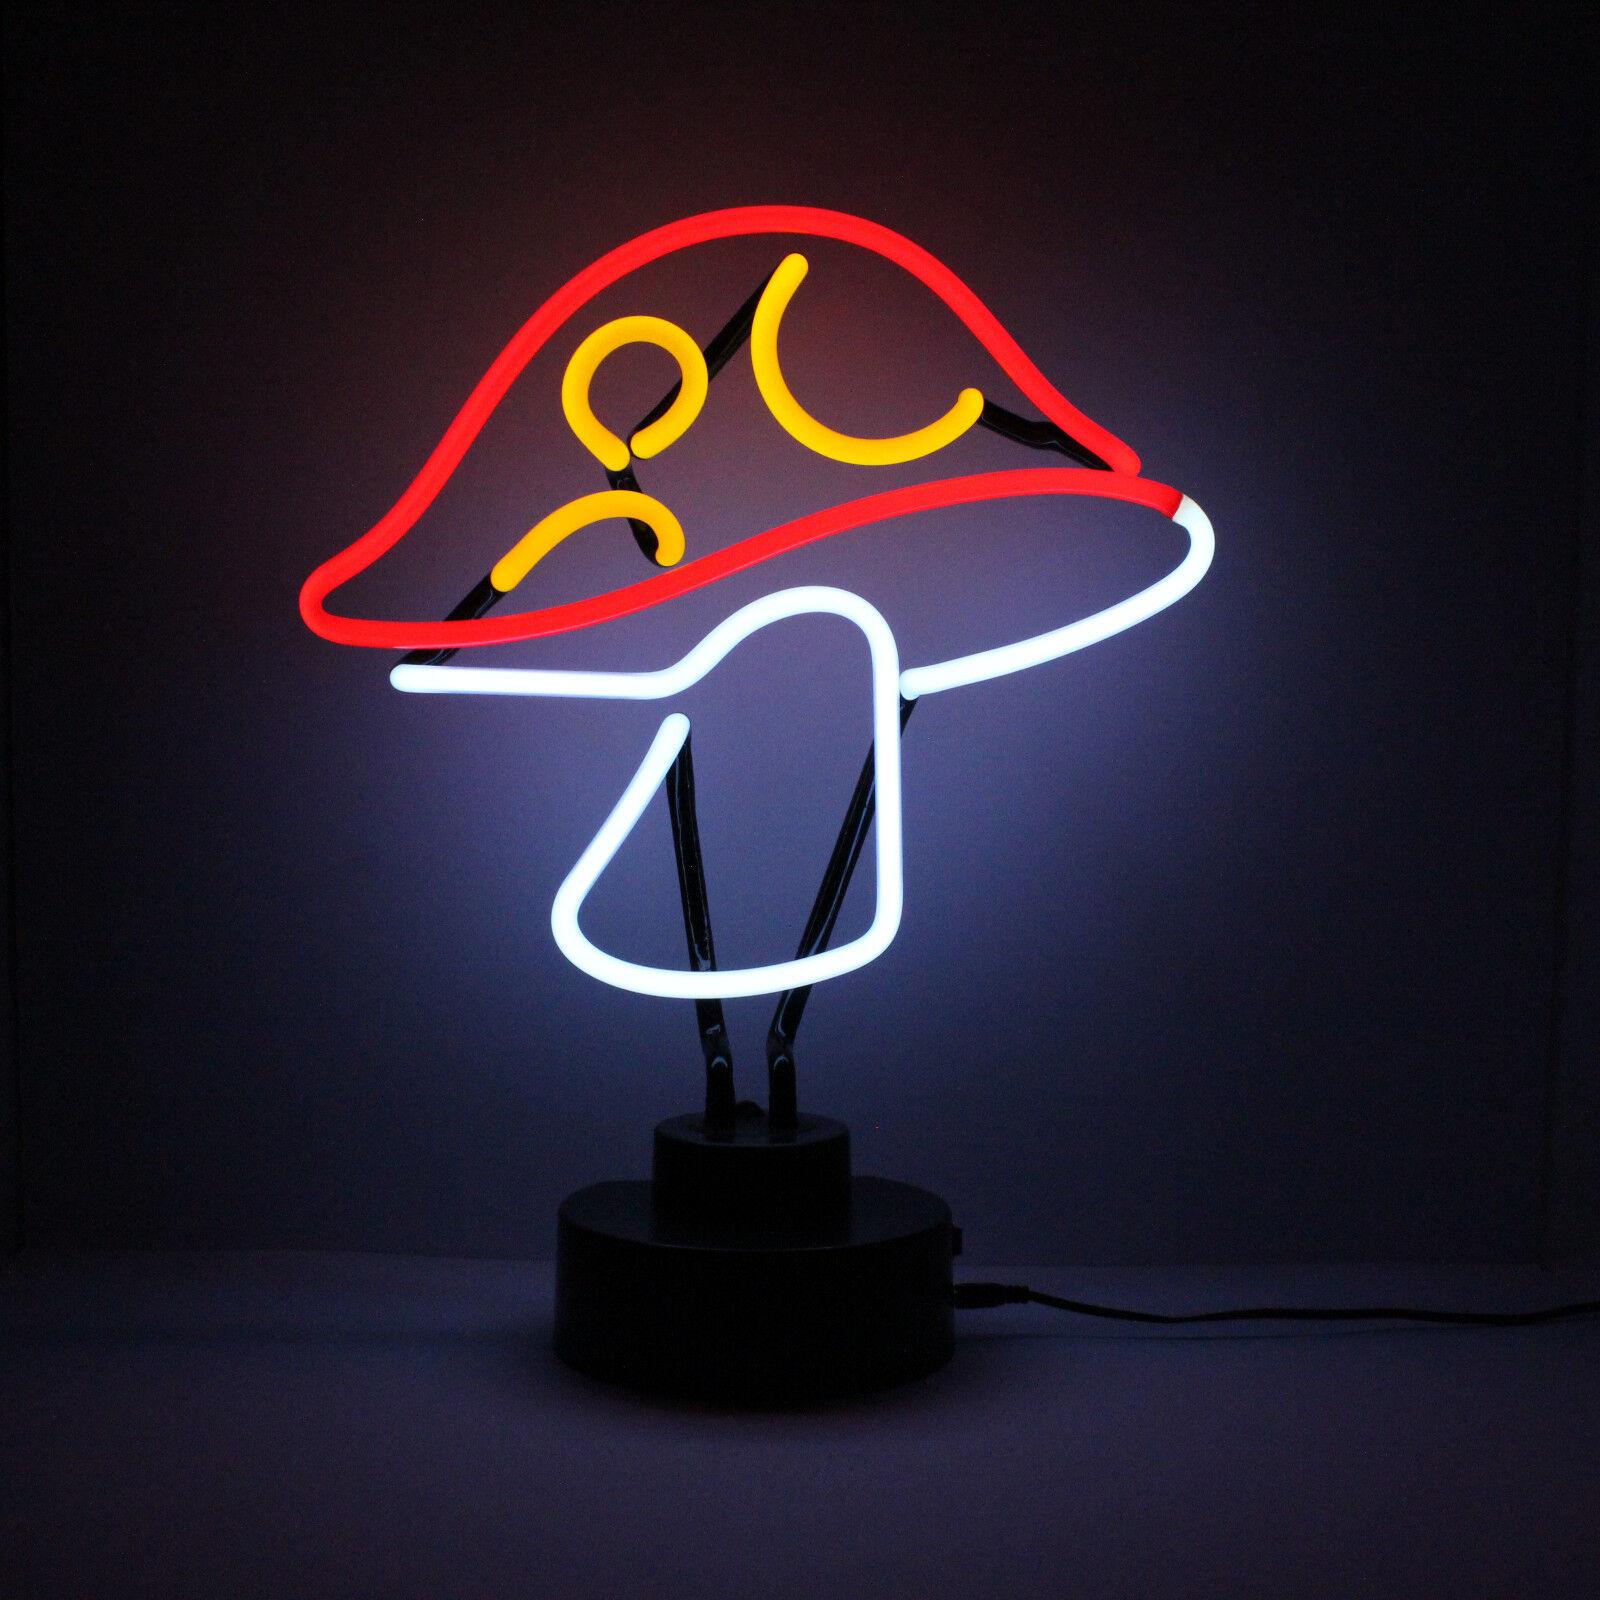 Lampade Al Neon Da Parete dettagli su luce al neon scultura fungo mensola muro lampada da comodino  lettura ristorante segno uk- mostra il titolo originale